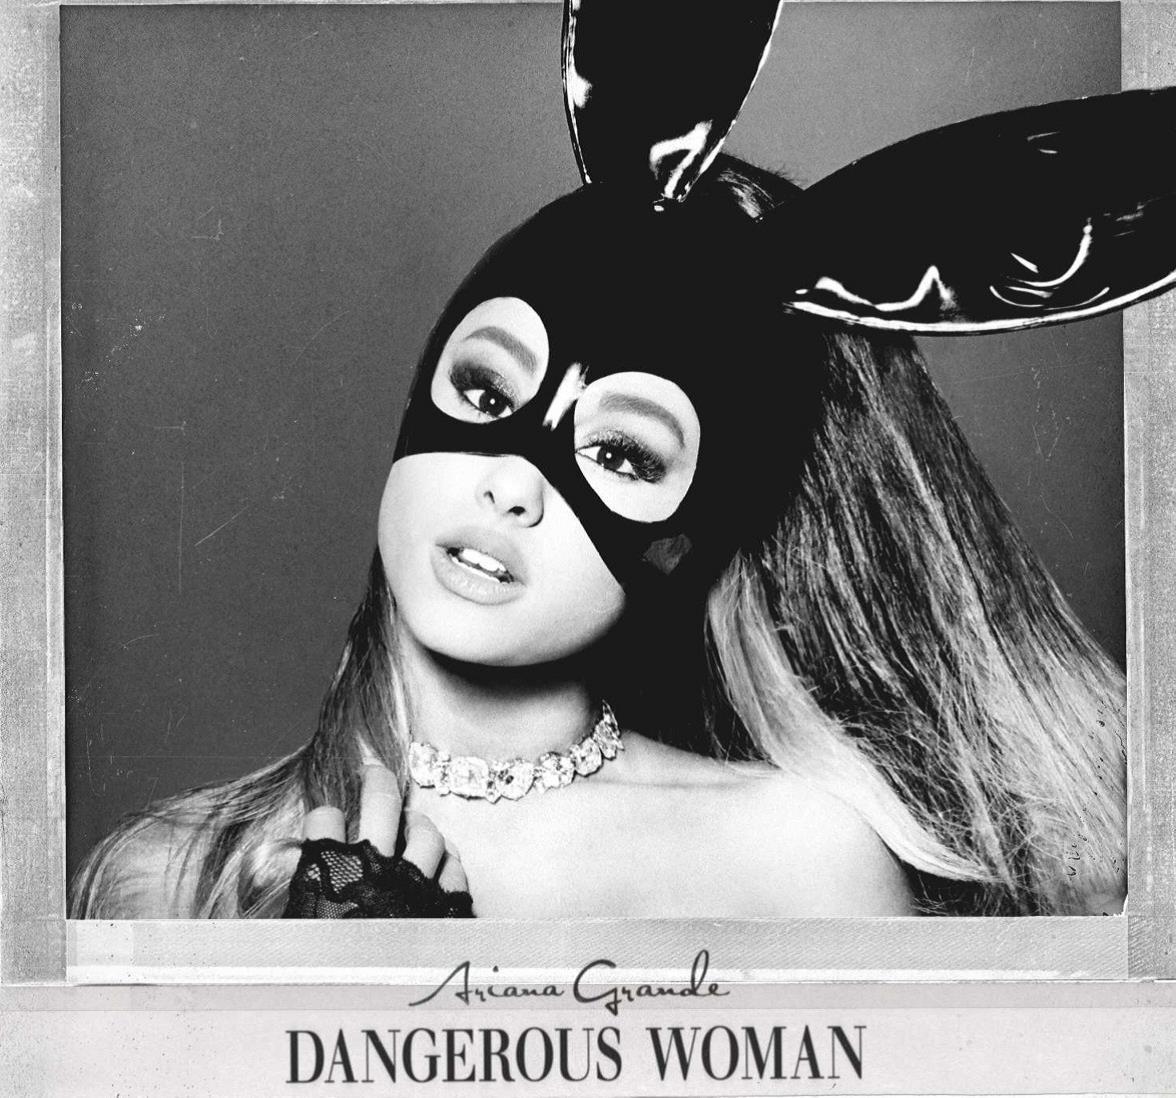 GRANDE, ARIANA - DANGEROUS WOMAN - CD -